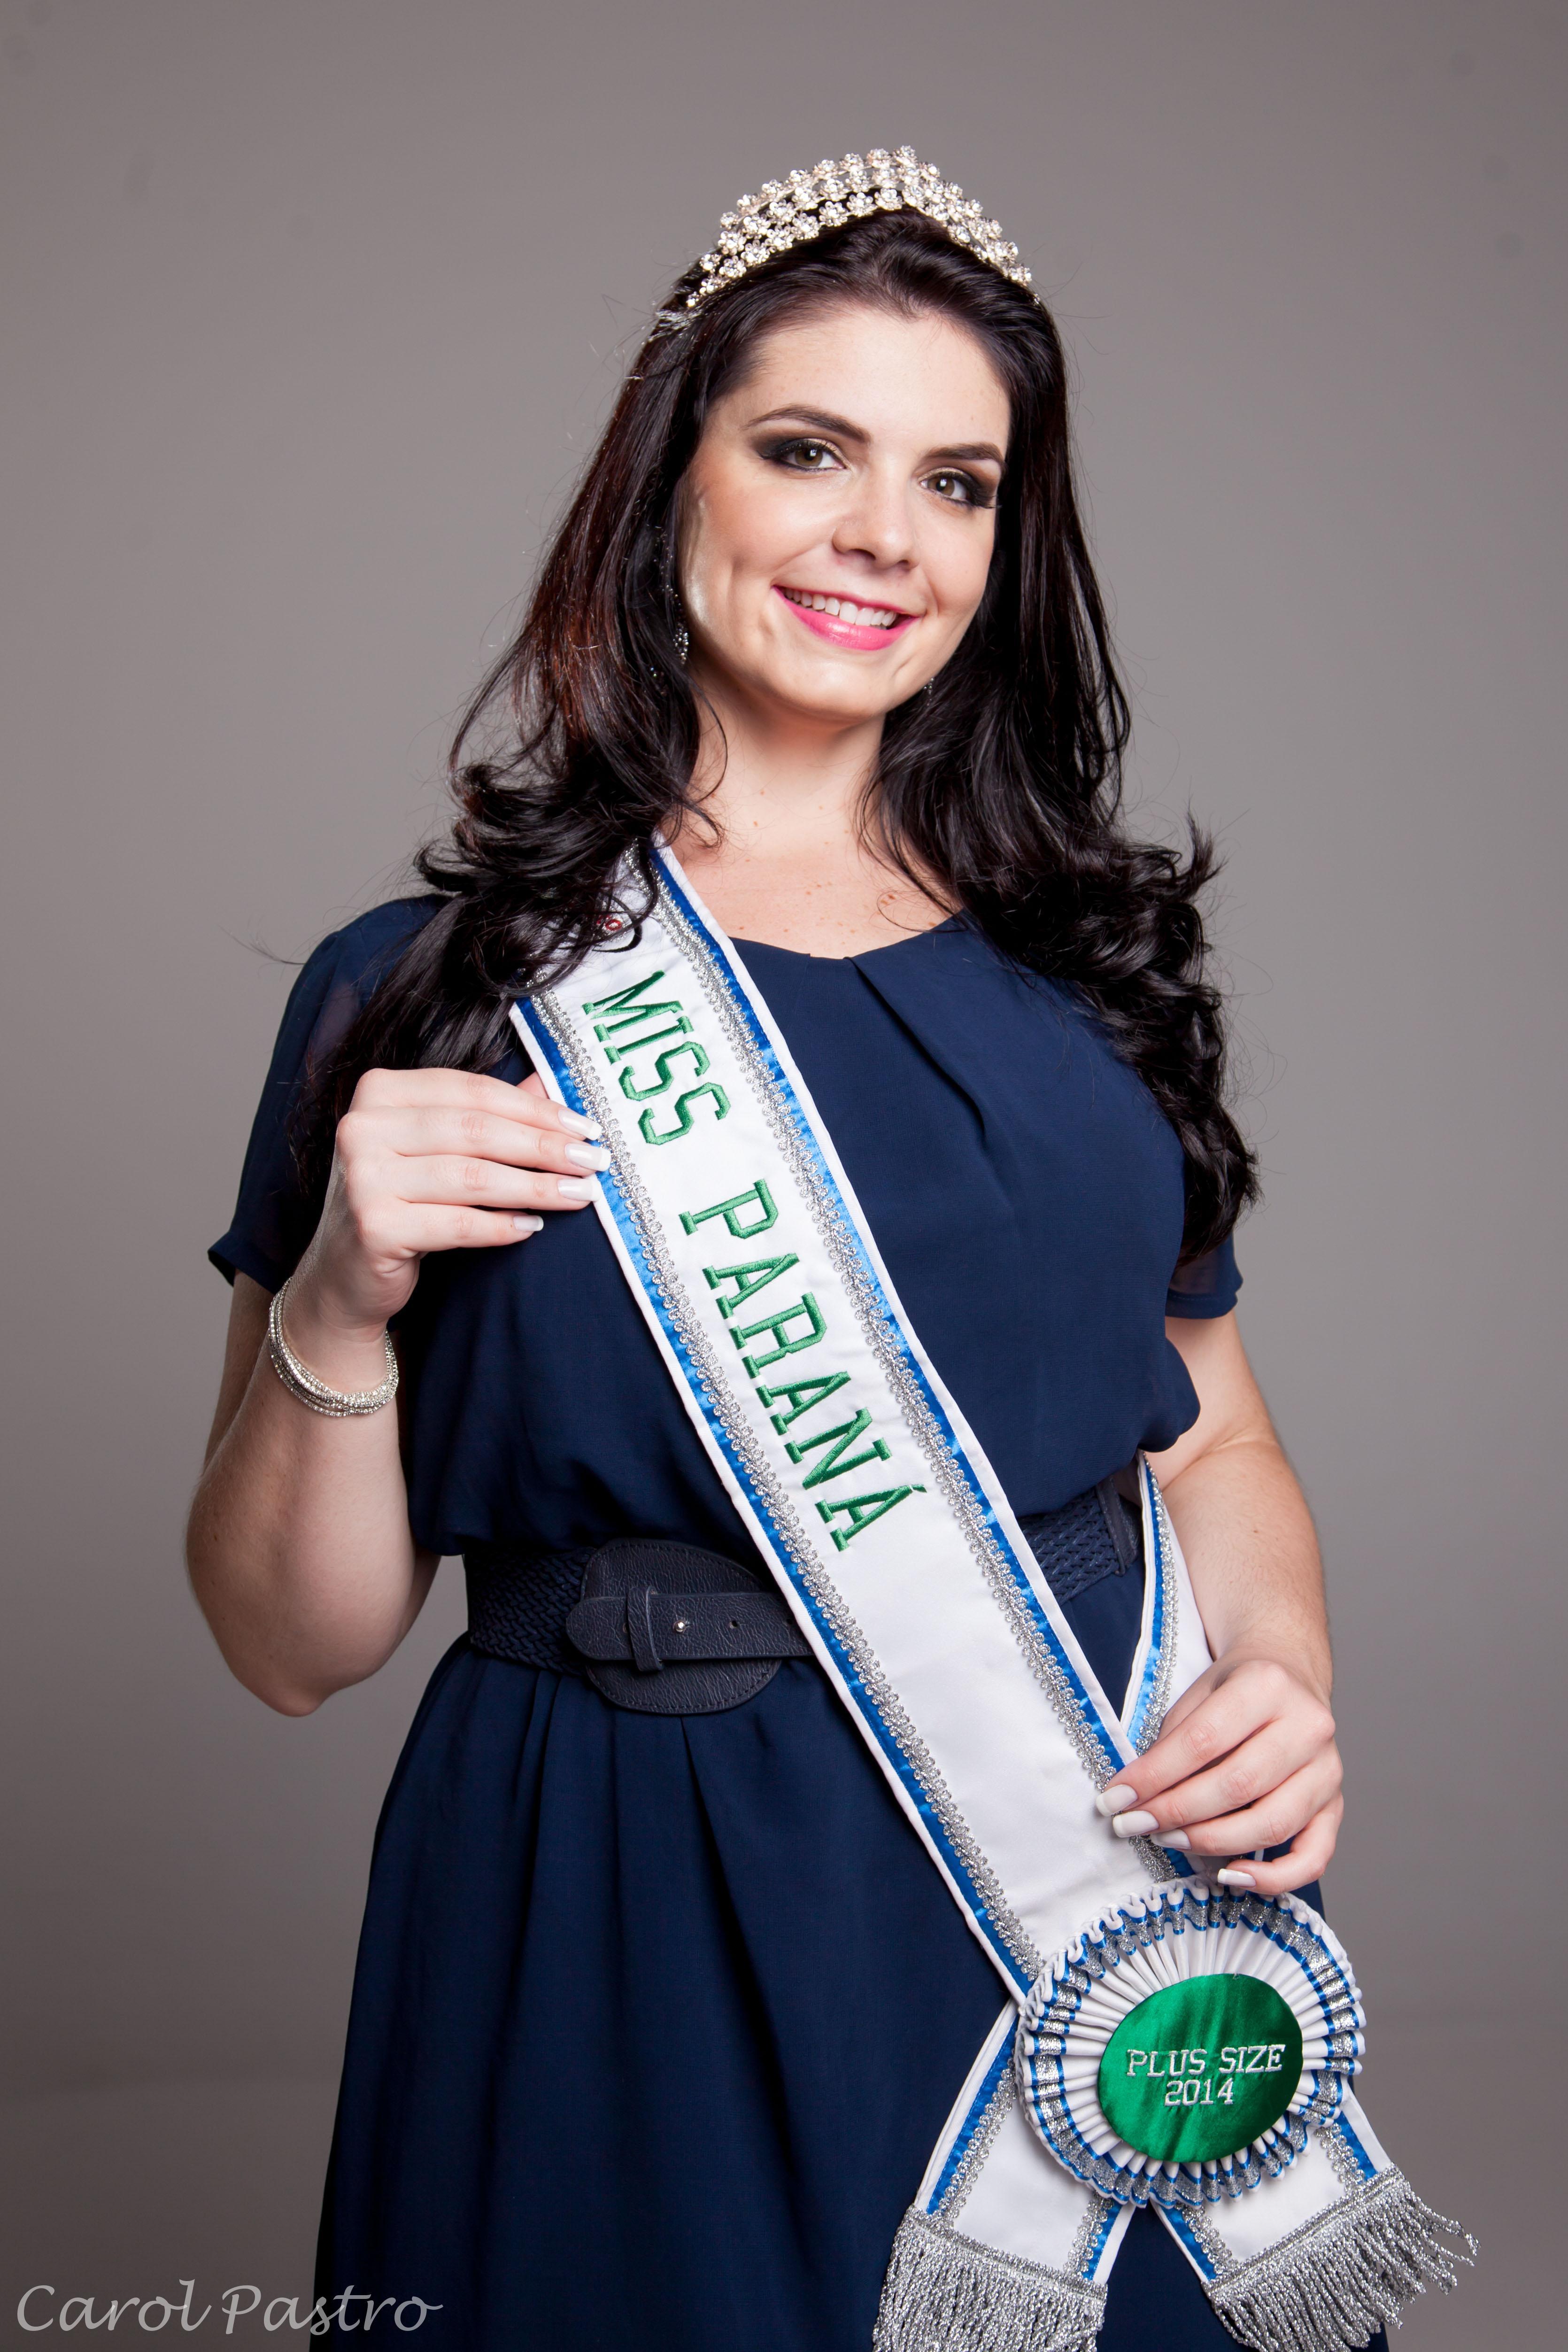 Isabelle com a faixa de Miss Paraná Plus Size 2014